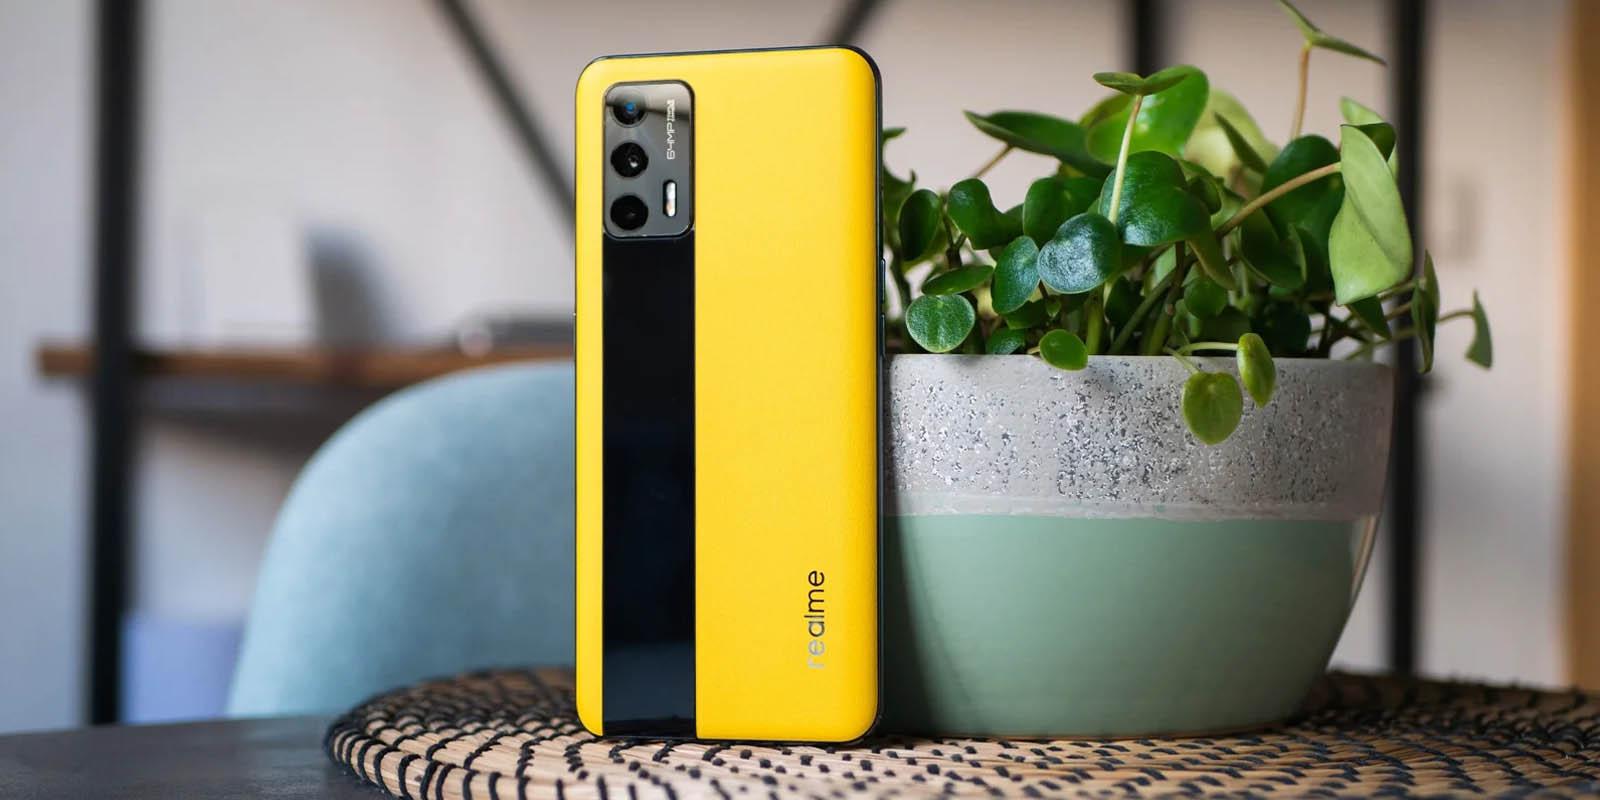 móviles mas potentes AnTuTu julio 2021